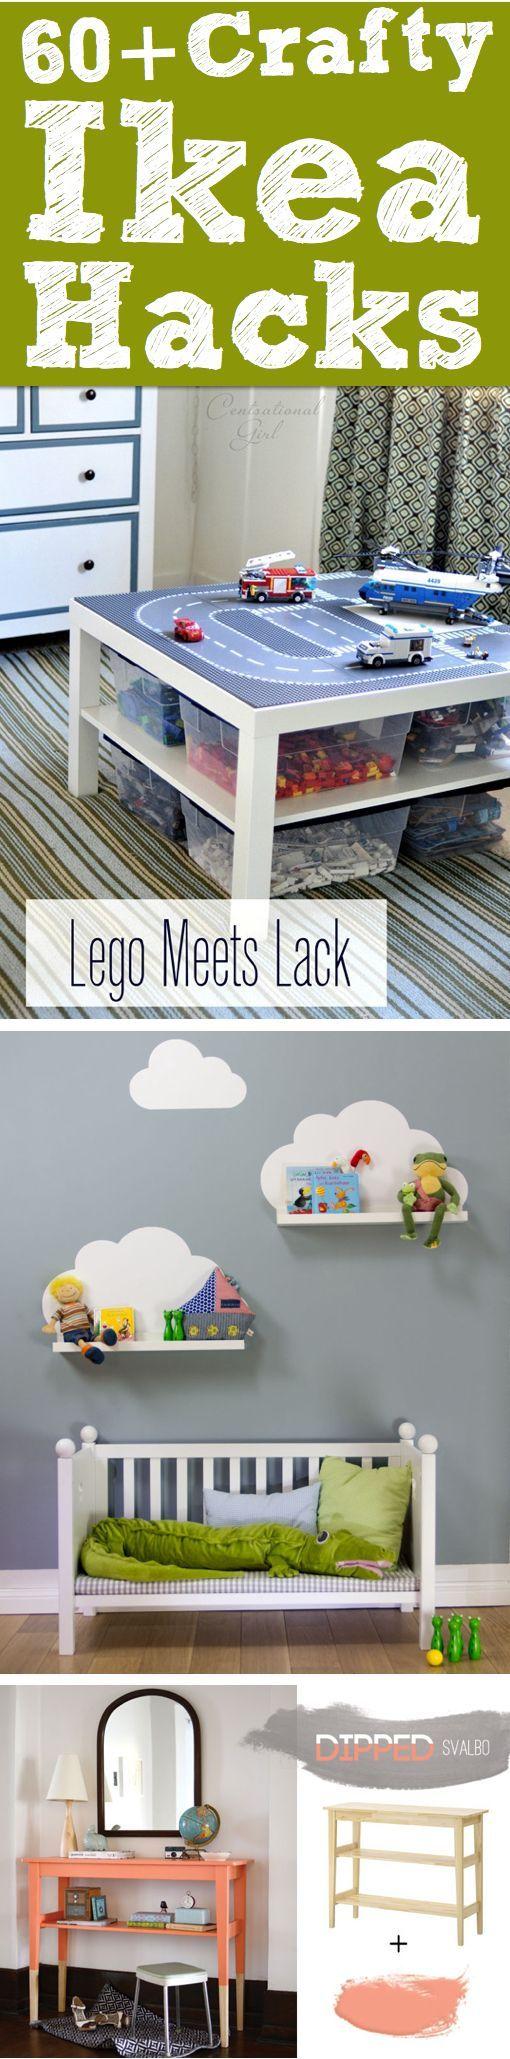 93 best IKEA-Hacks images on Pinterest   Ikea hacks, Ikea hackers ...